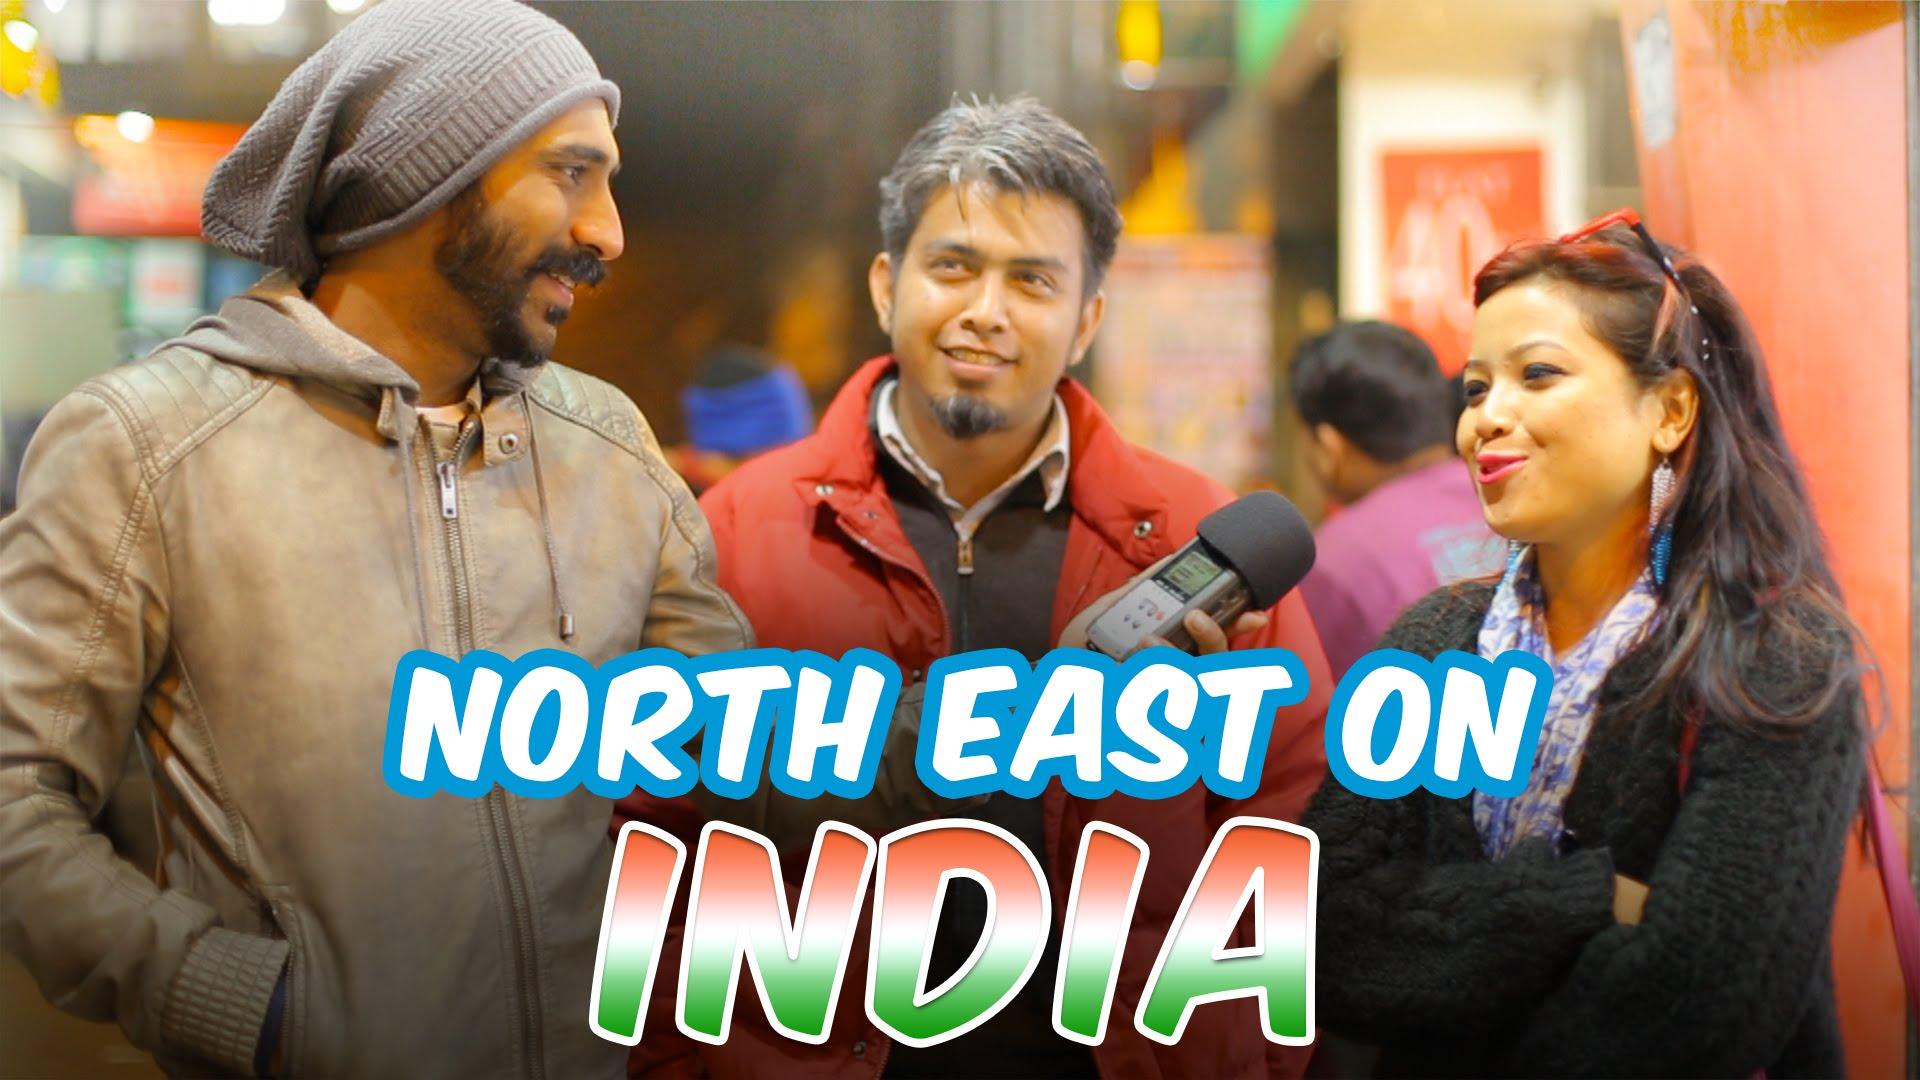 North East on India